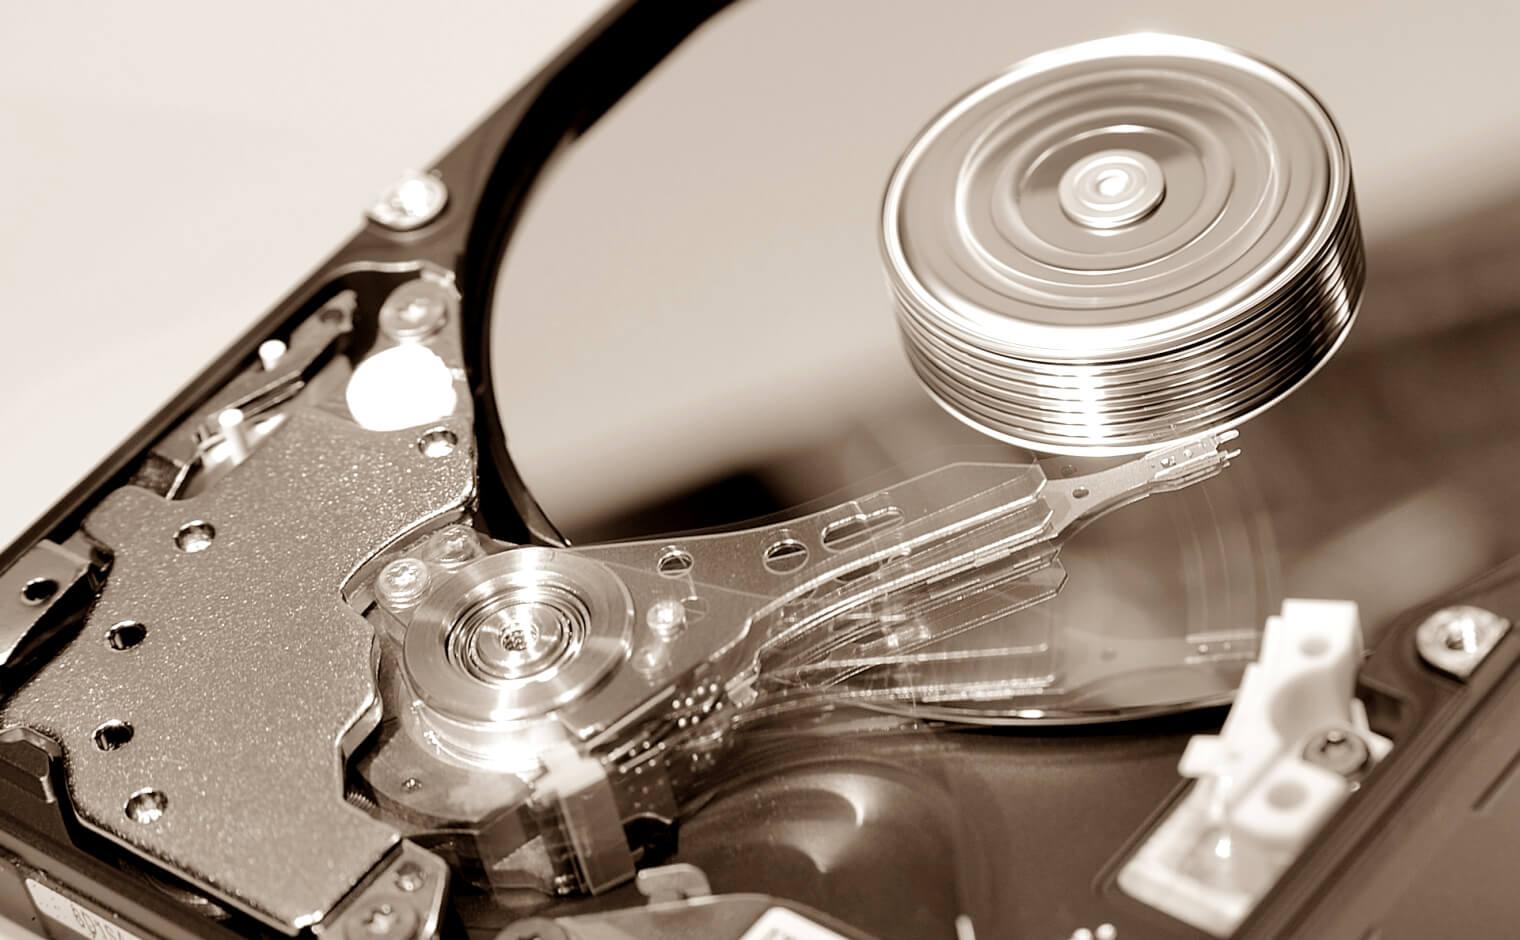 HDDの内側と外側での速度の違い